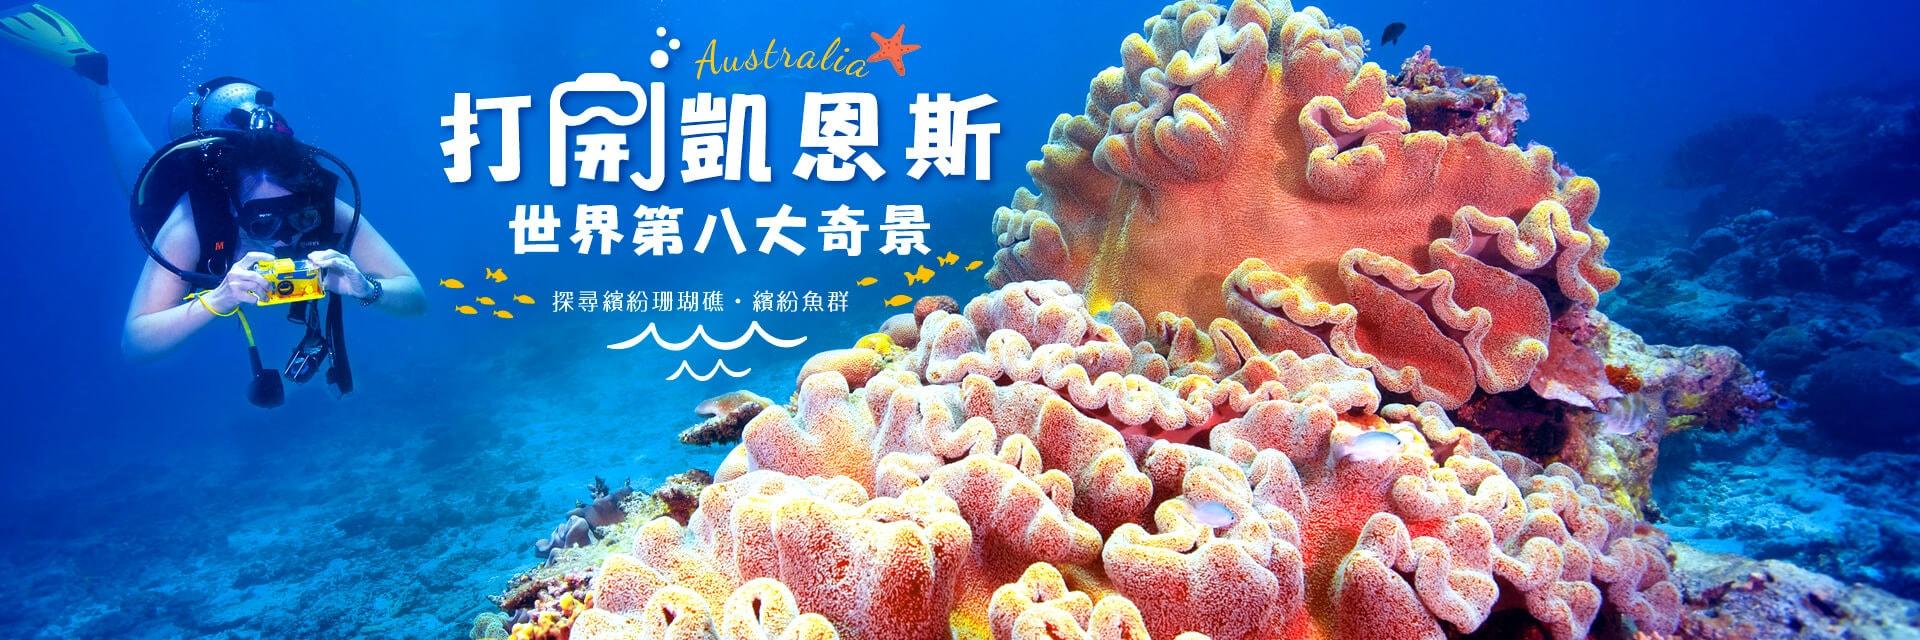 凱恩斯大堡礁,澳洲旅遊,創意澳洲